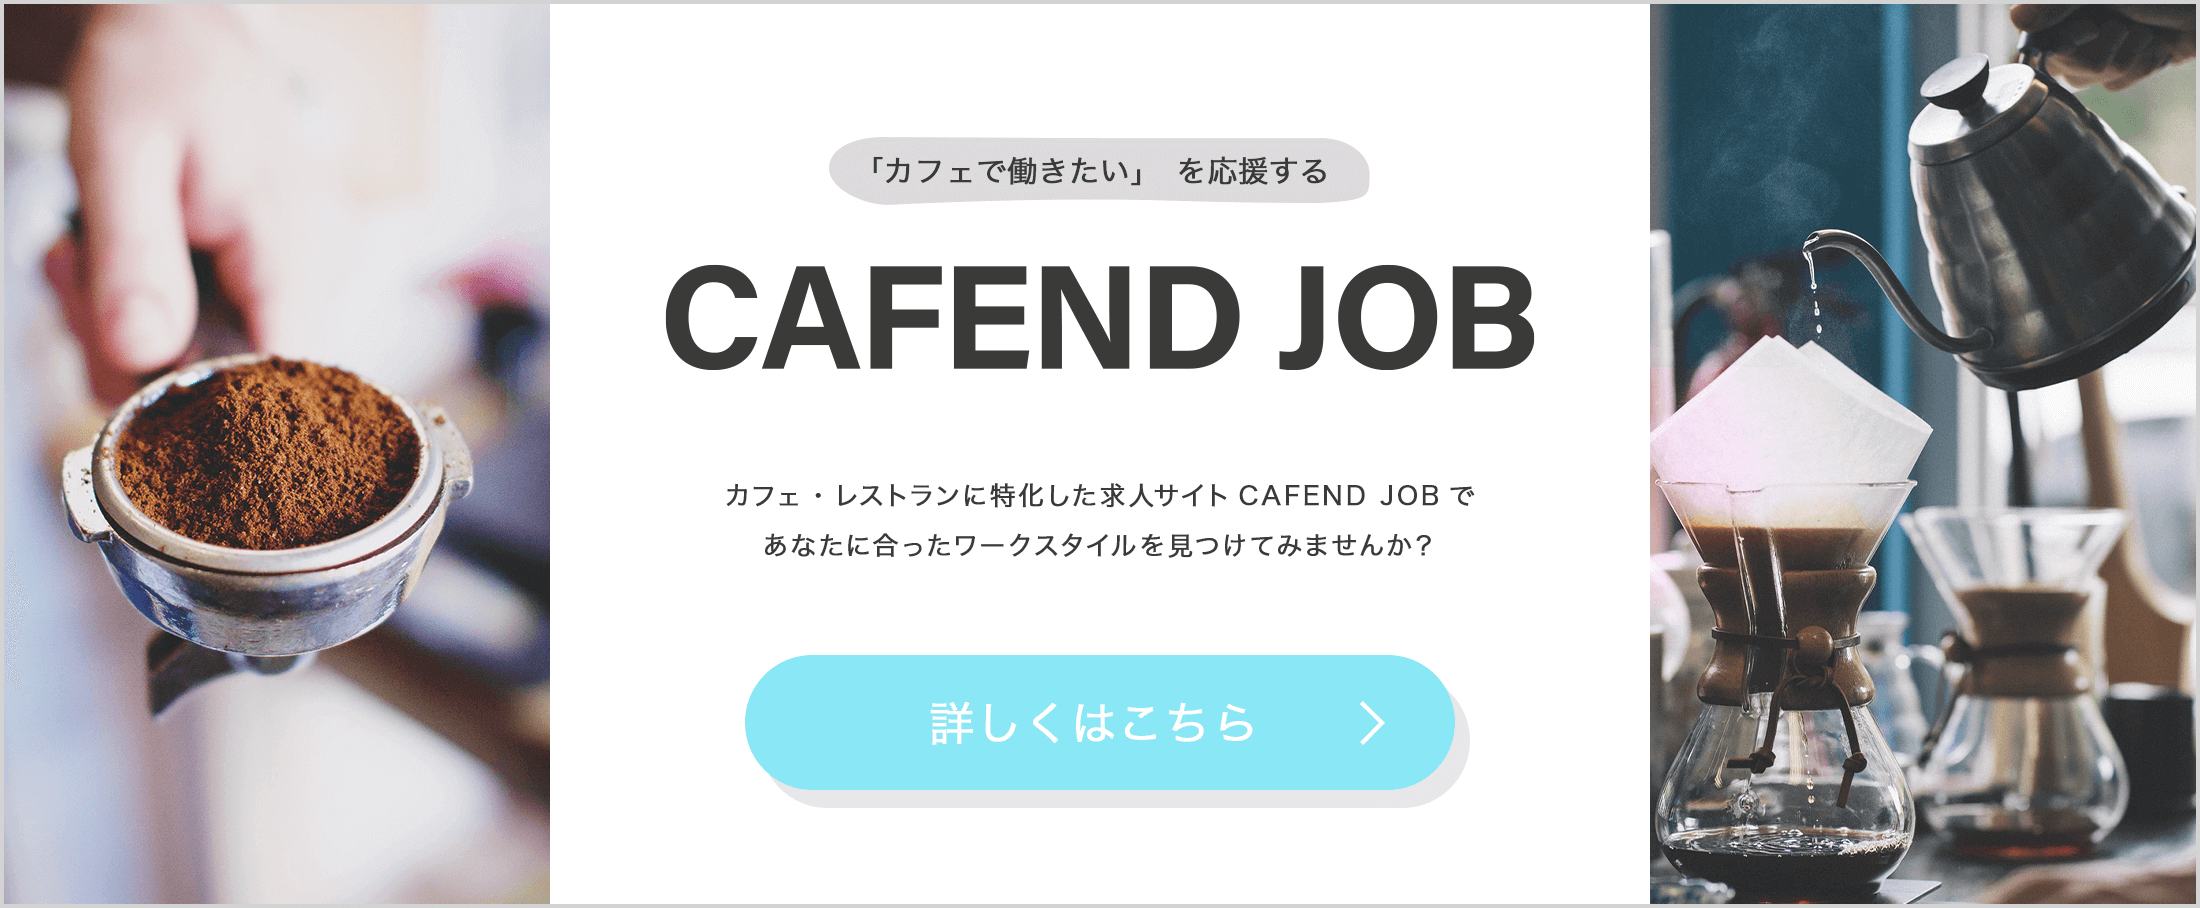 「カフェで働きたい」を応援する CAFEND JOB